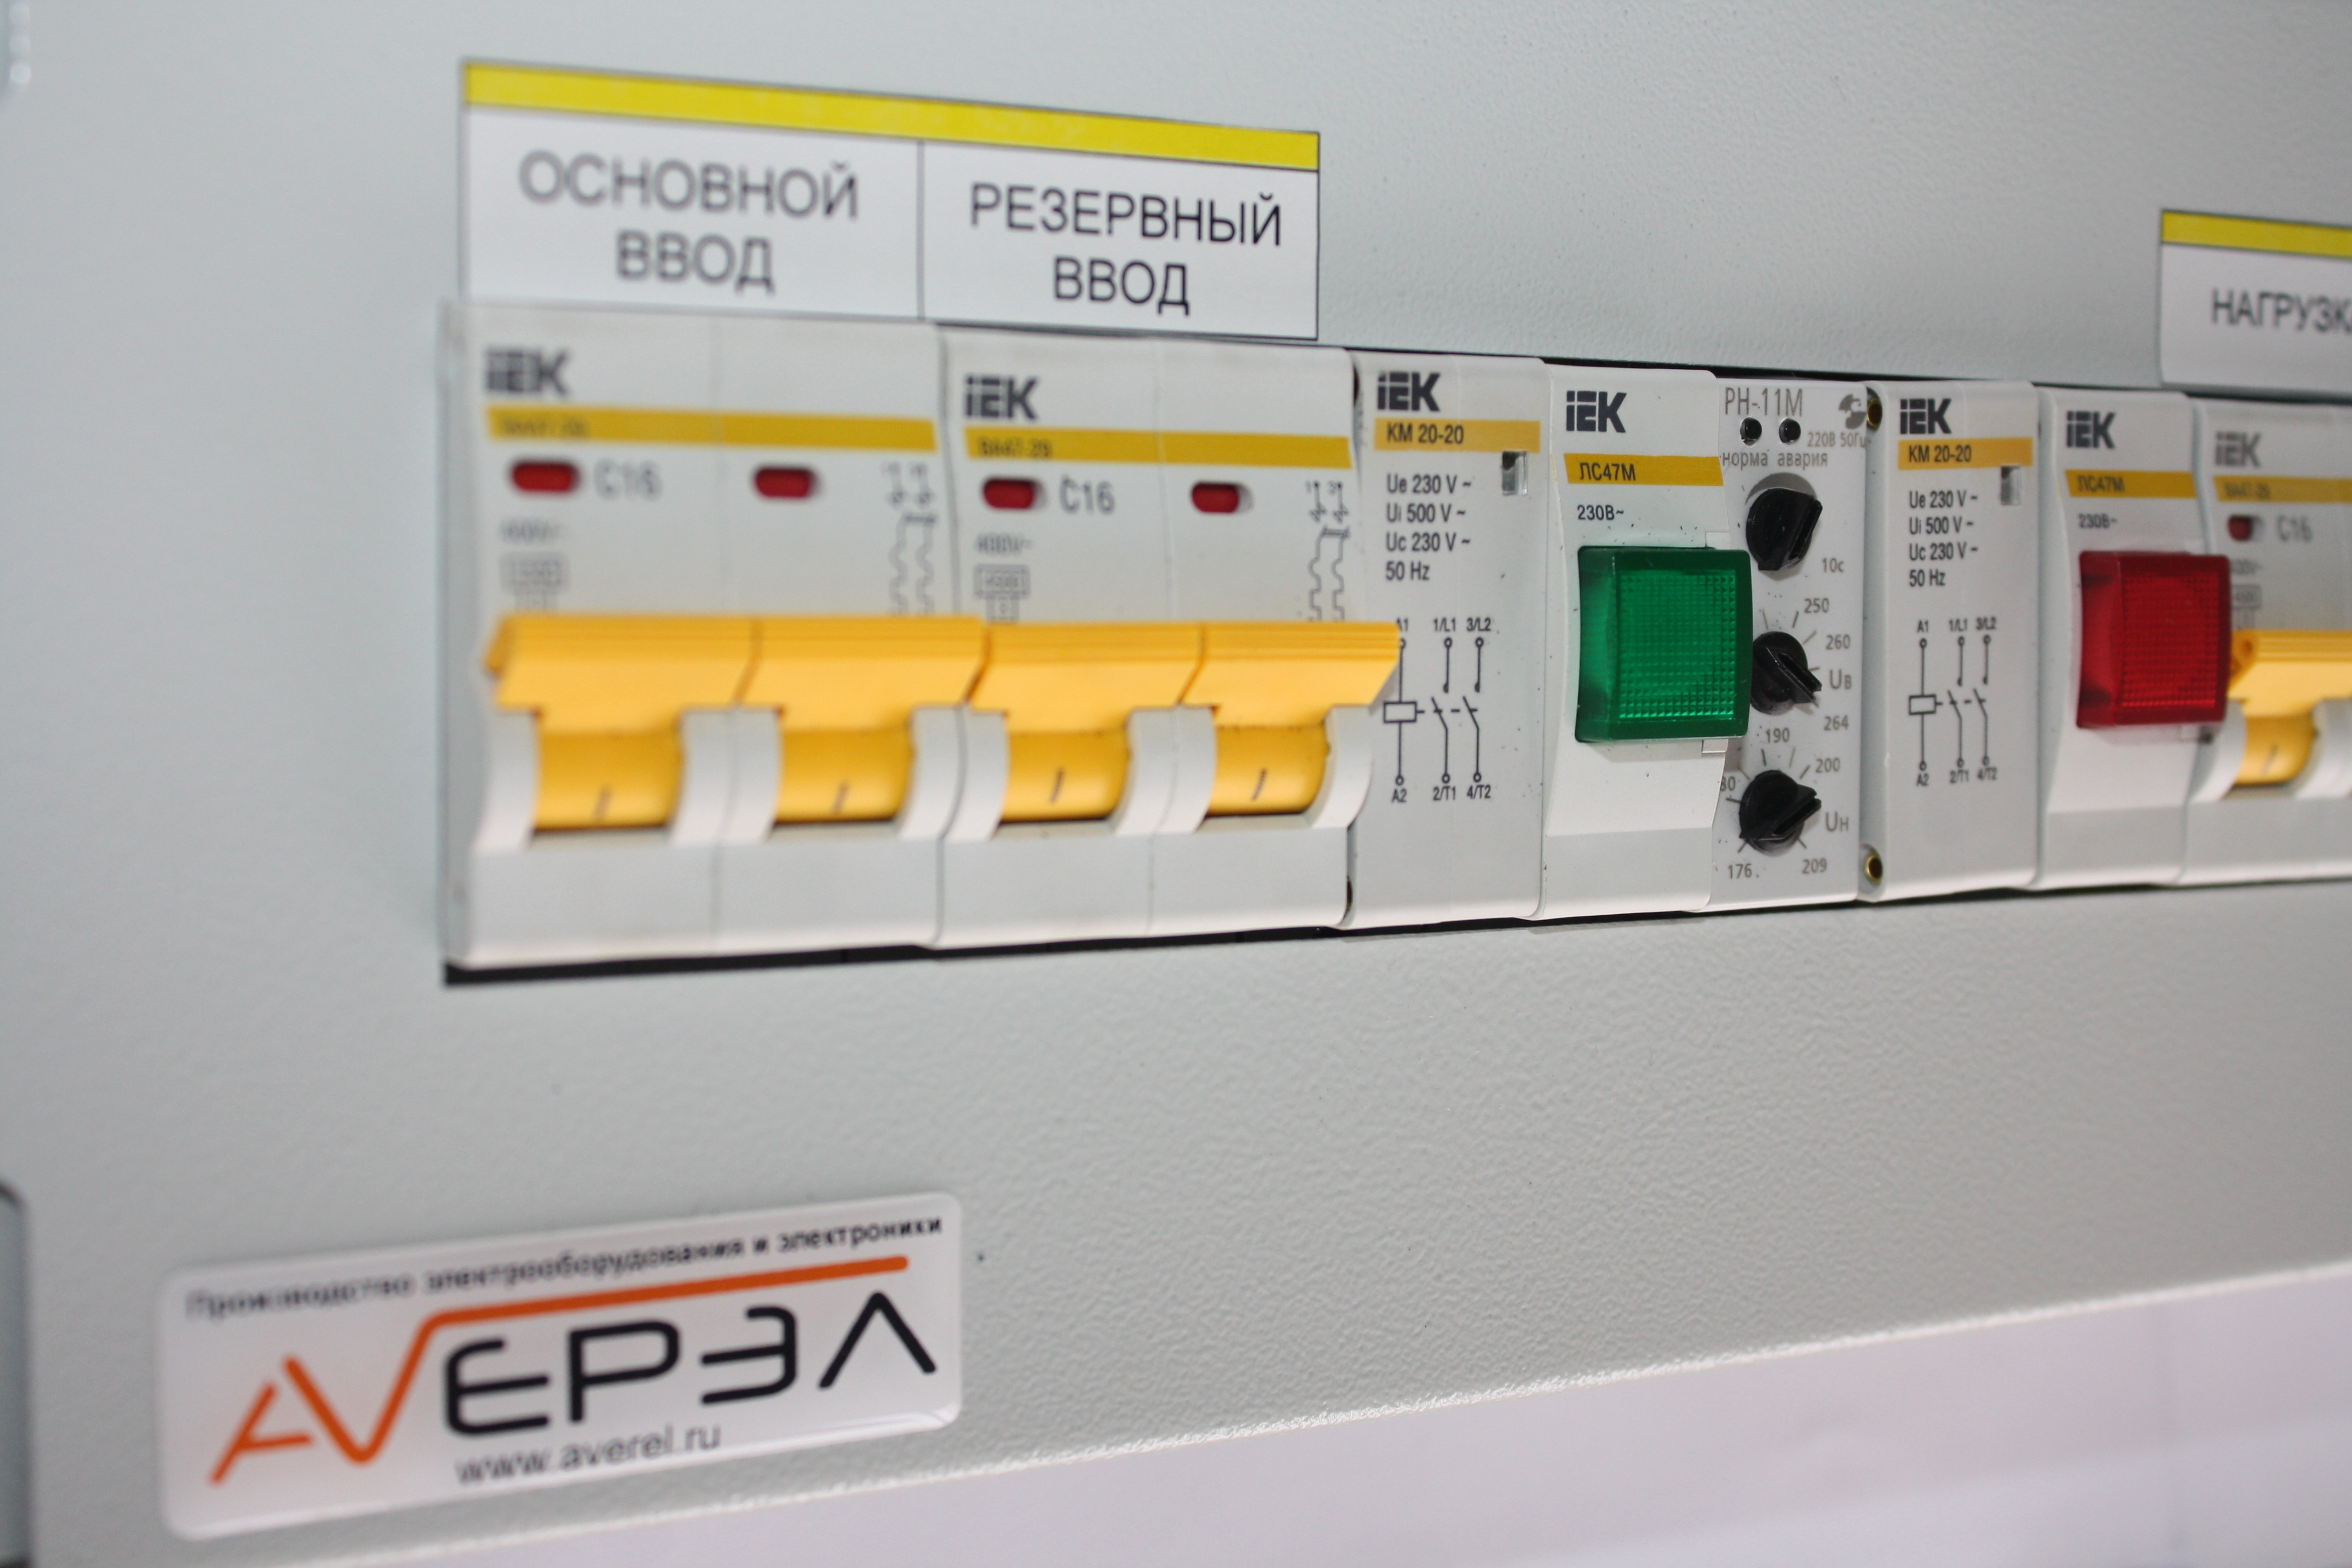 Устройство АВР 19 с комплектацией ИЭК